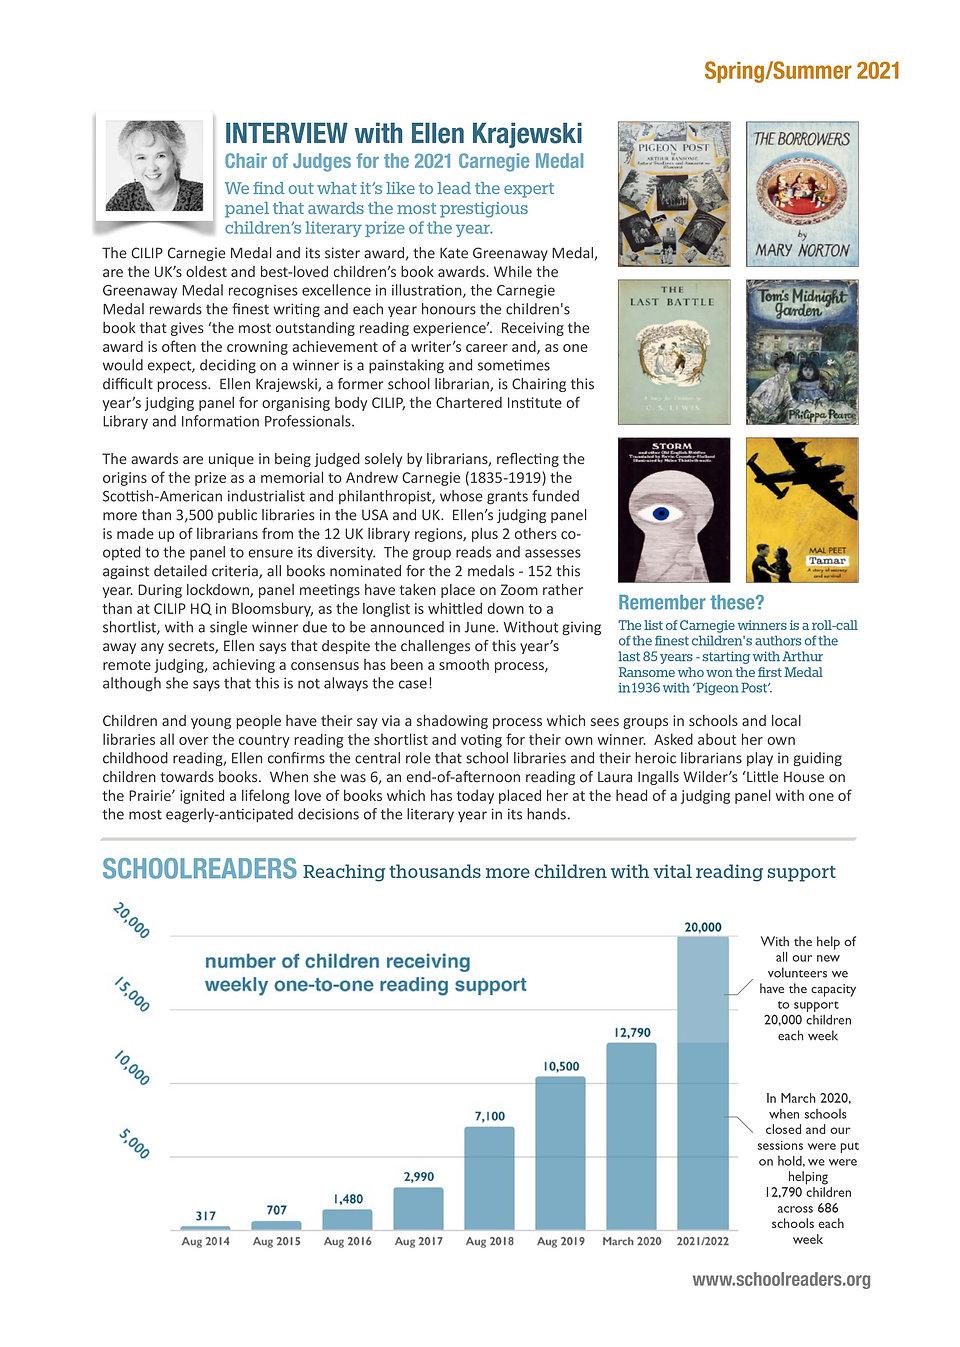 Newsletter 20210401 G0223 page 3.jpg